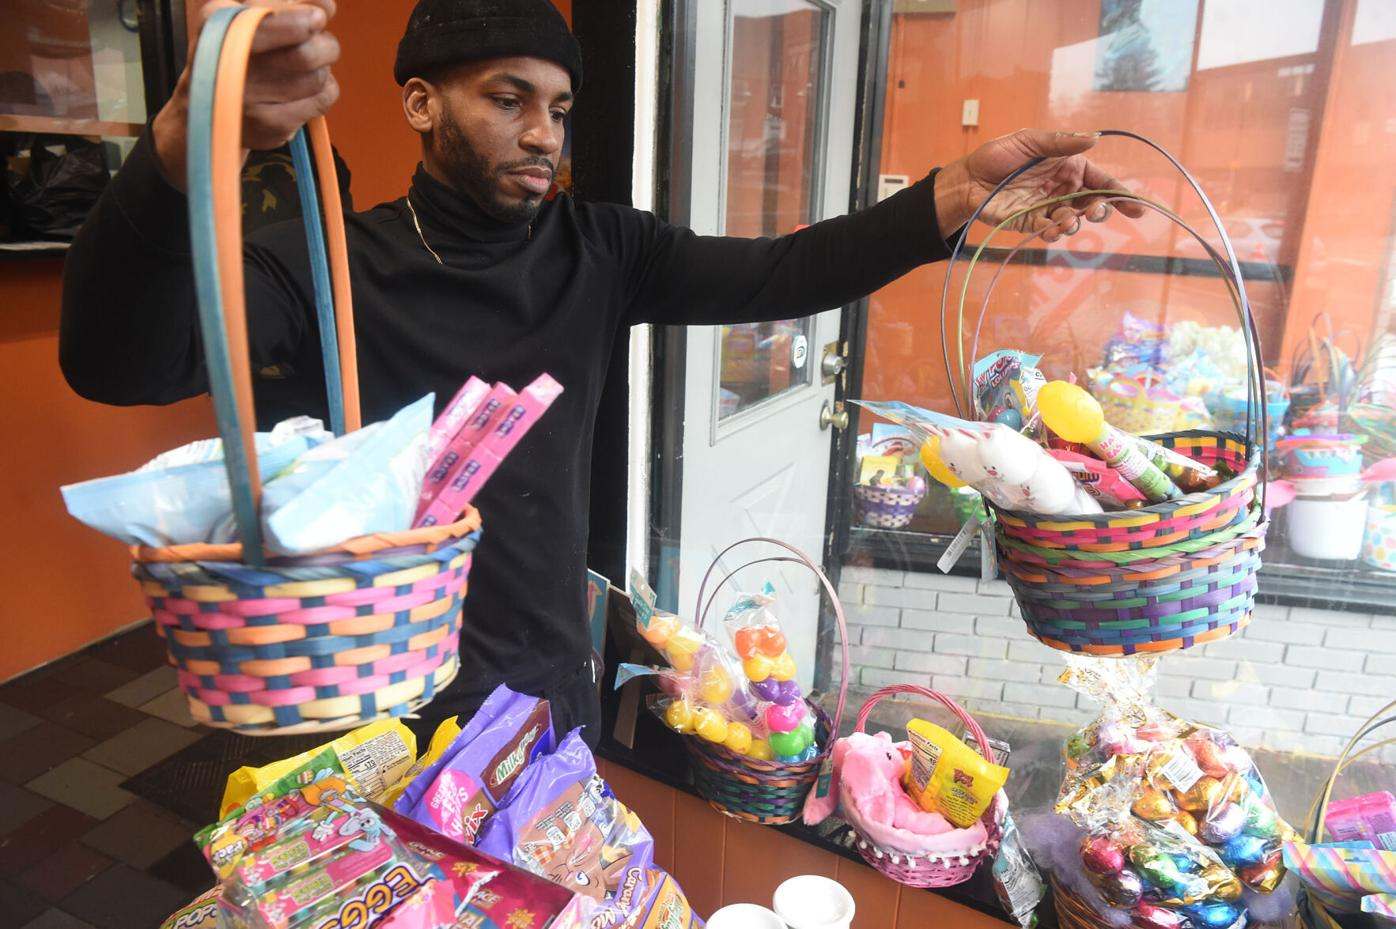 031821 VE Easter Baskets 03.jpg